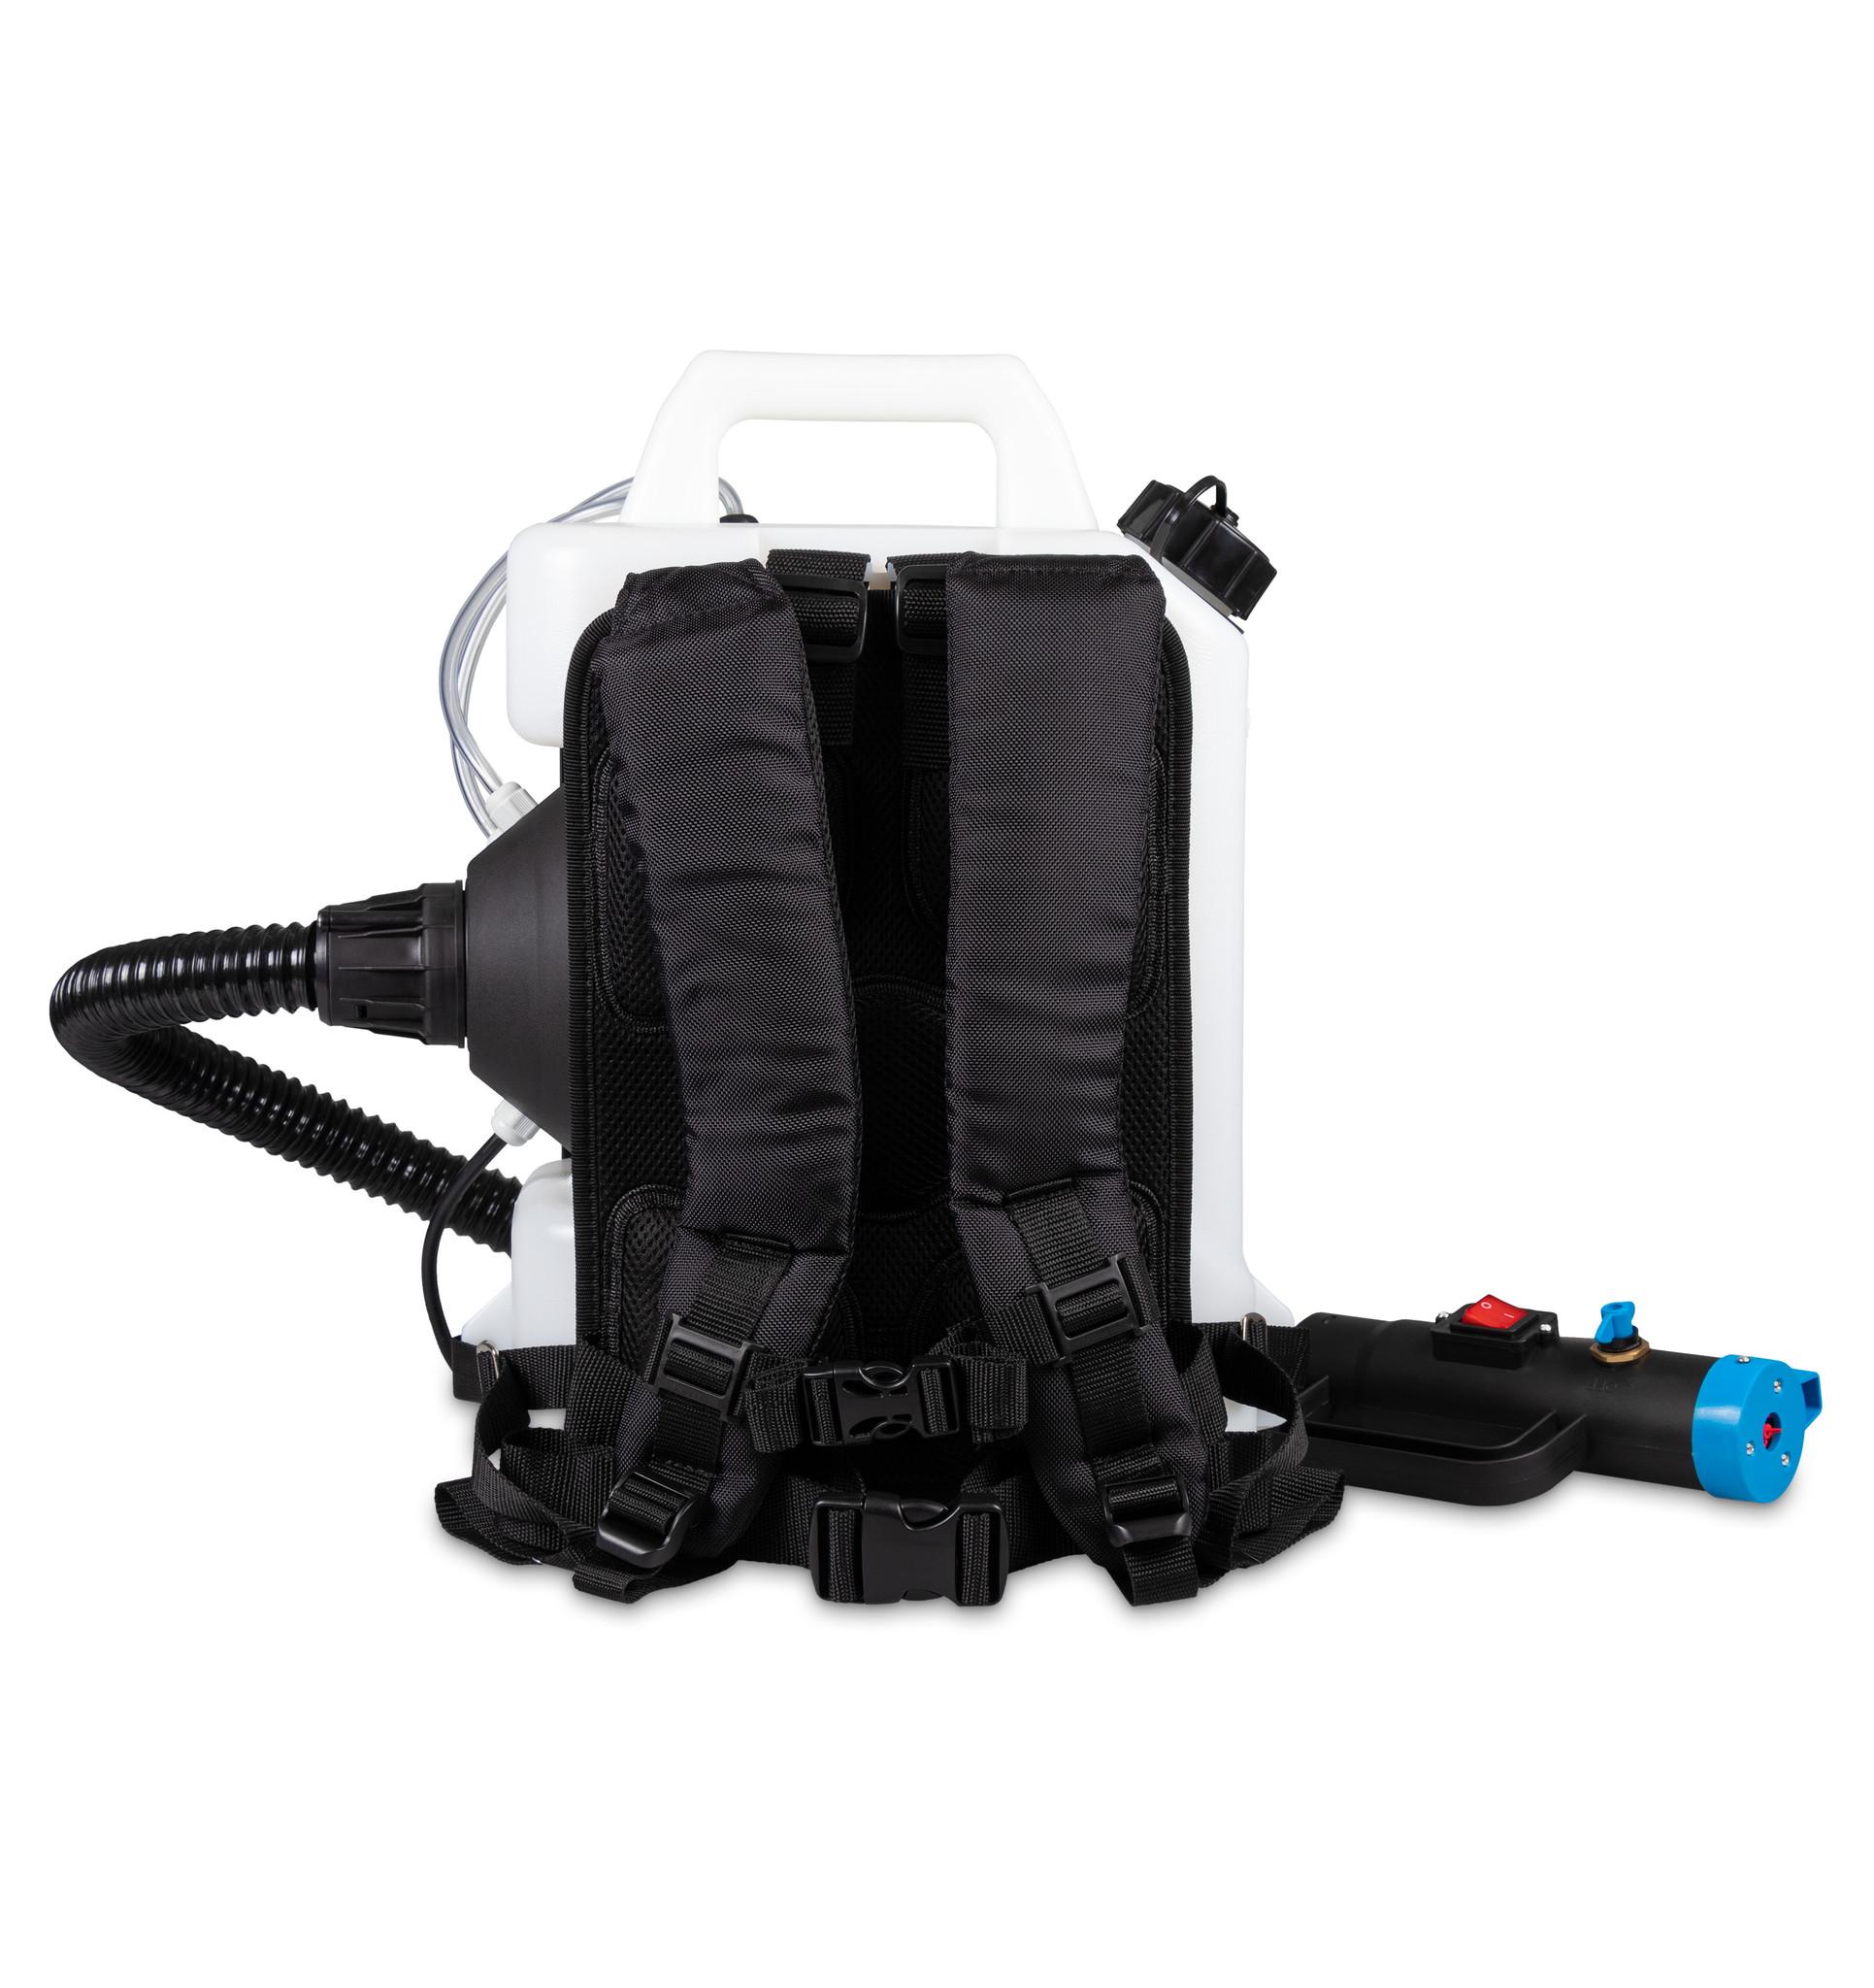 Nébulisateur dorsal + Distributeur infrarouge pour gel hydroalcoolique gratuit